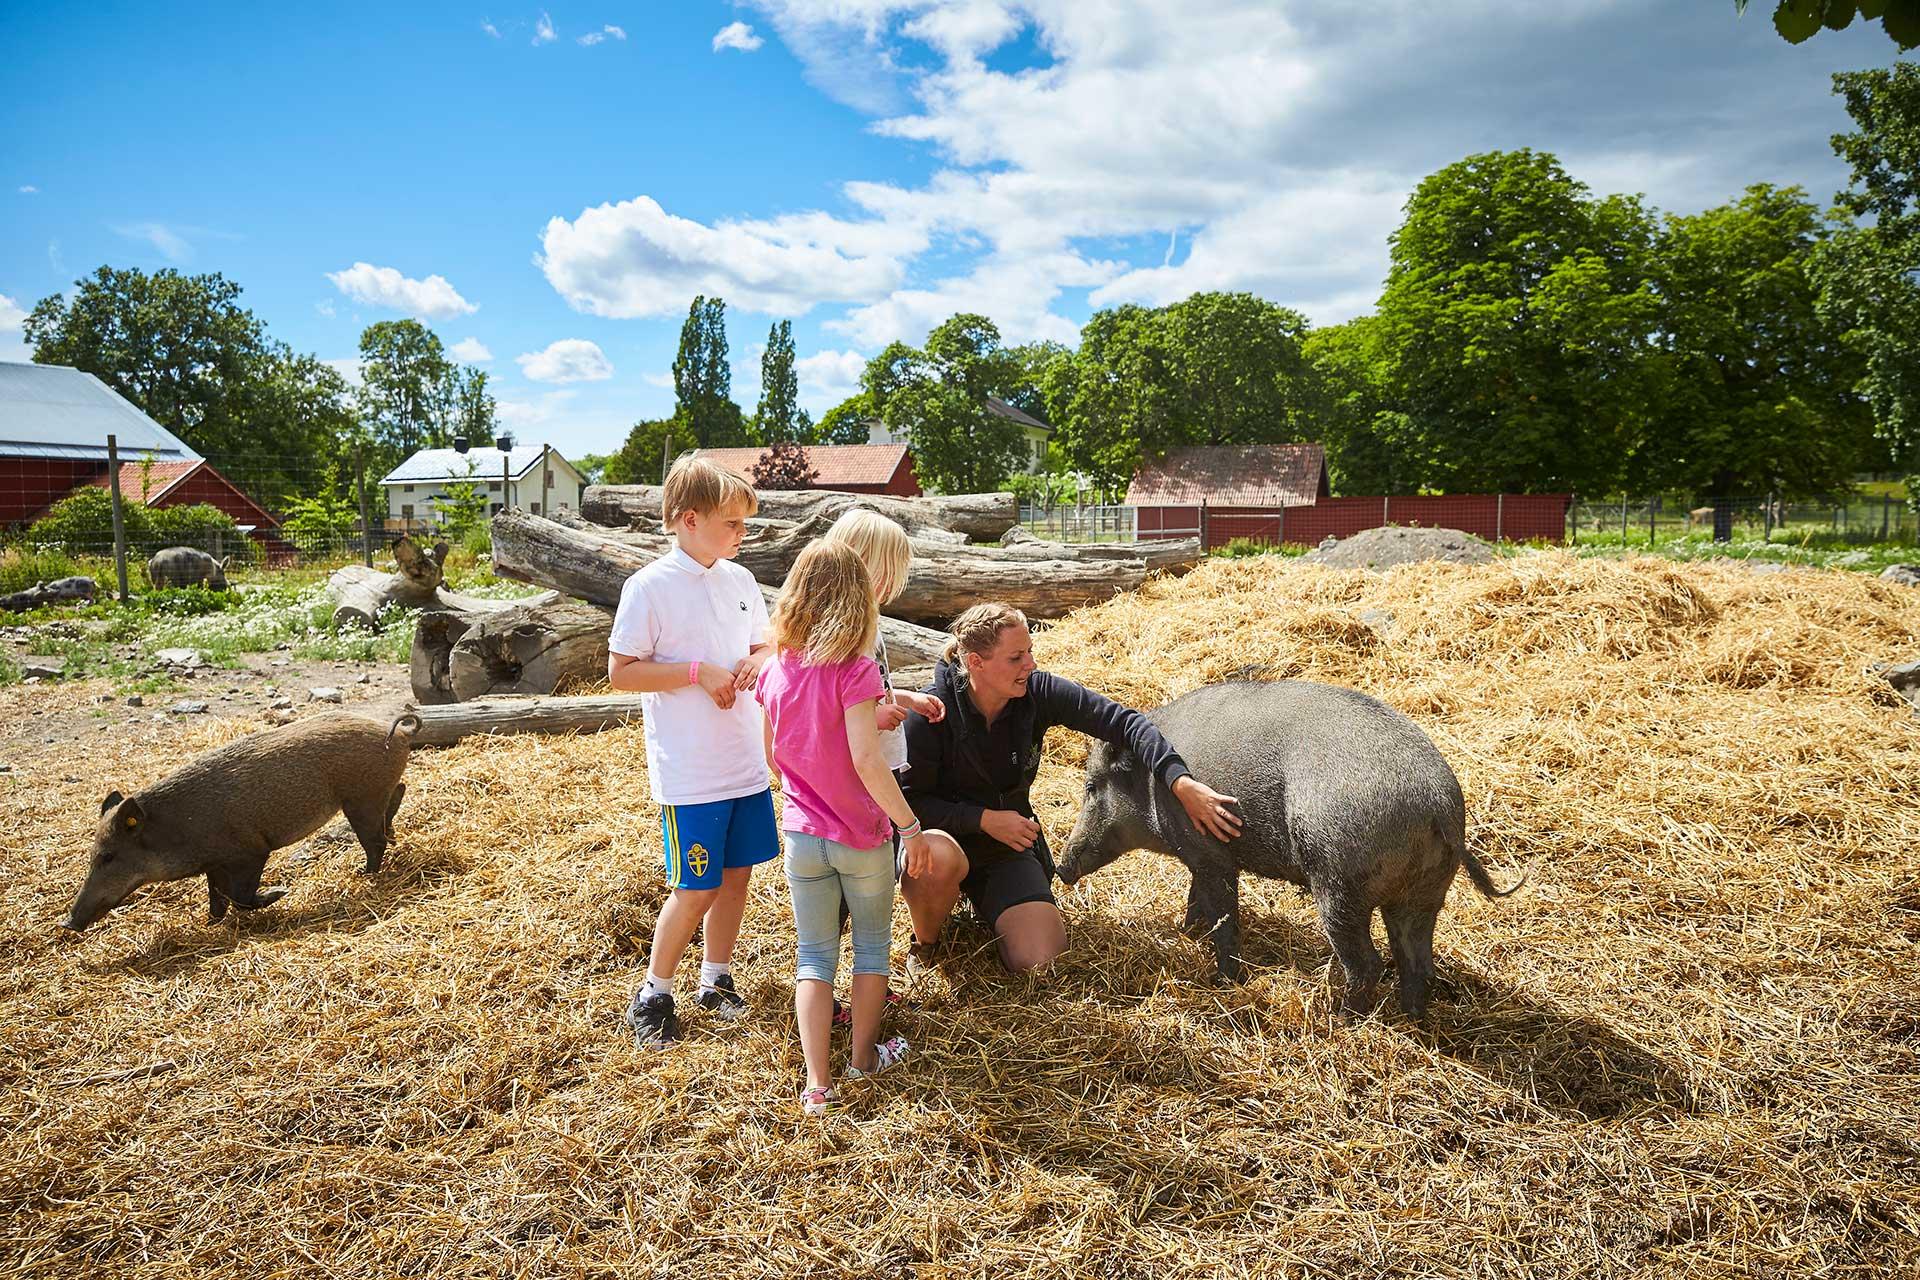 Barn klappar grisar på Kungsbyns Djurpark i Västerås. Fotograf: BildeN